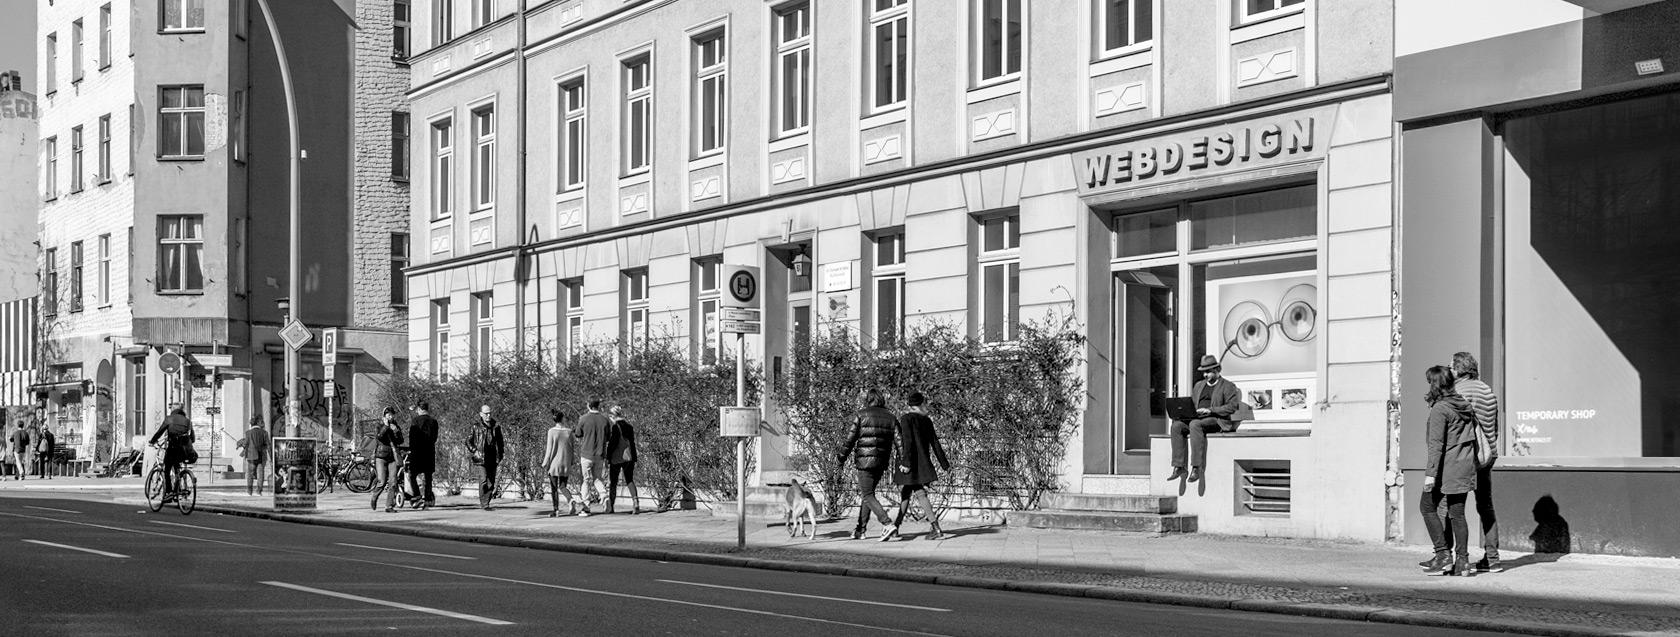 Reister Webdesign GmbH